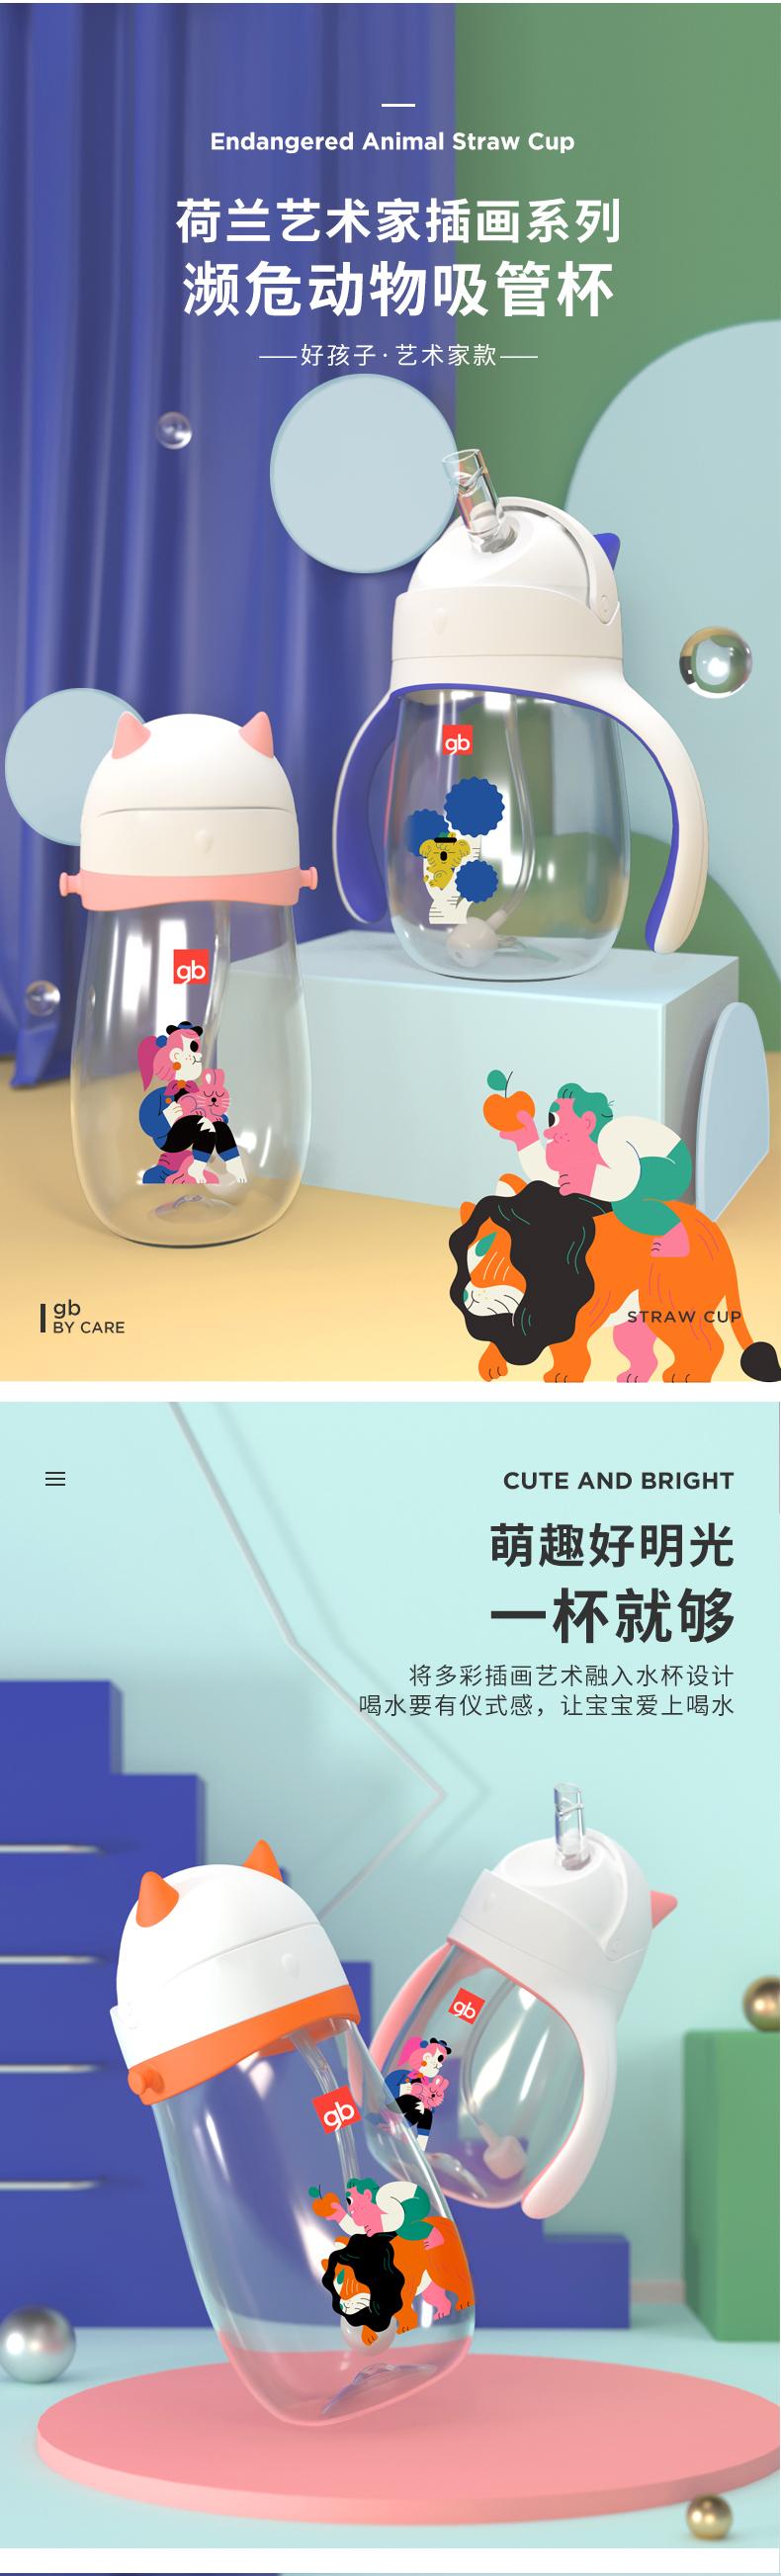 好孩子宝宝学饮杯婴儿重力吸管水杯幼儿园训练杯带手柄儿童水杯详细照片